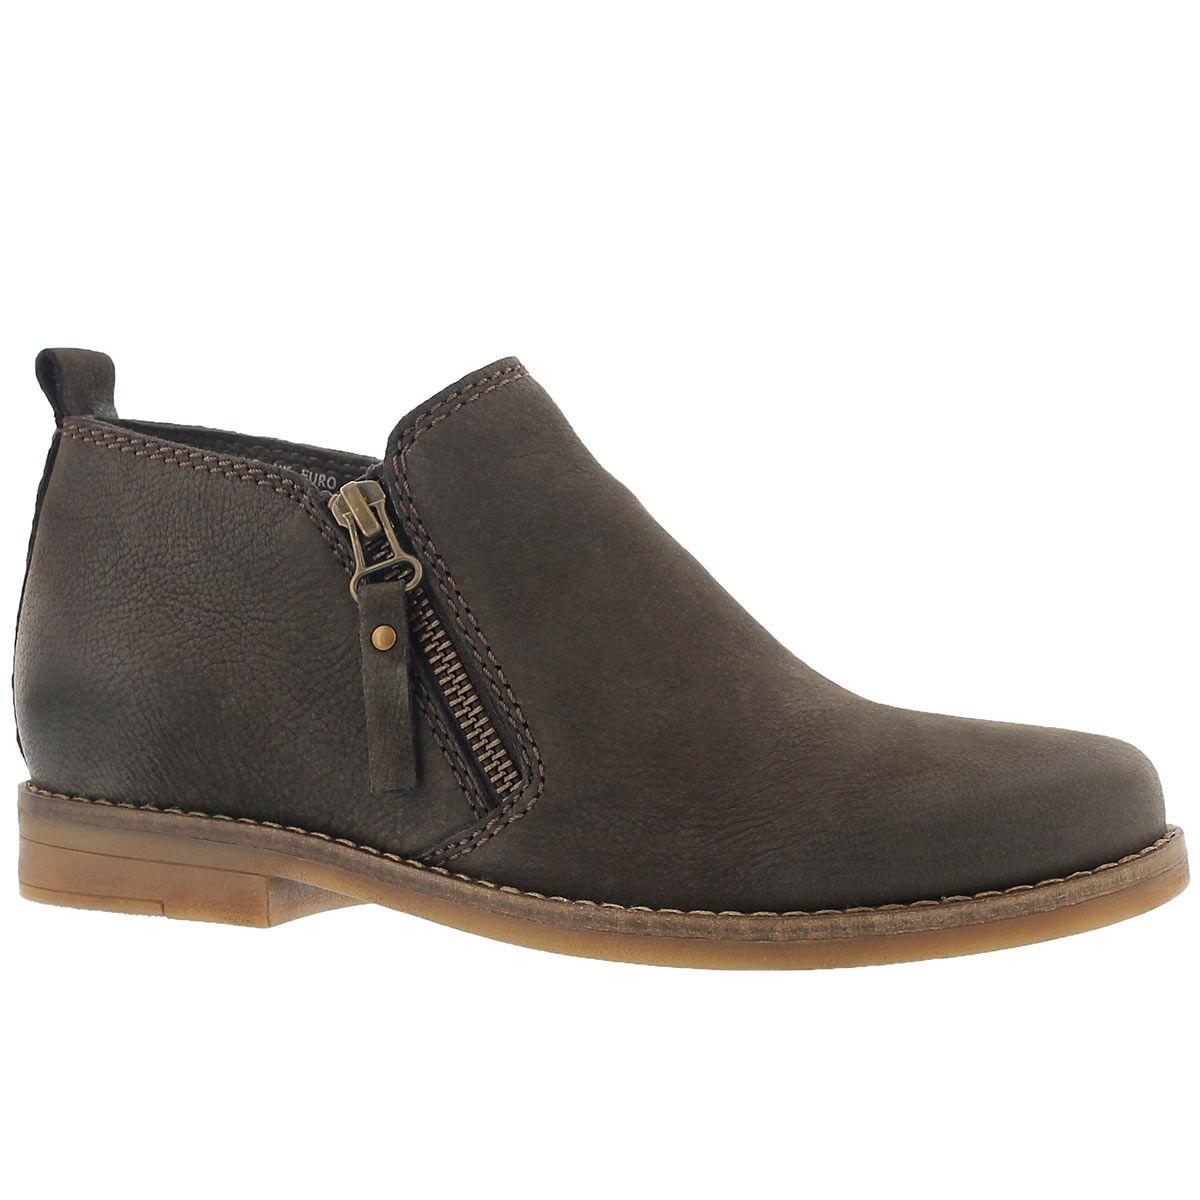 Women's MAZIN CAYTO dark brown zip up casual boots (With